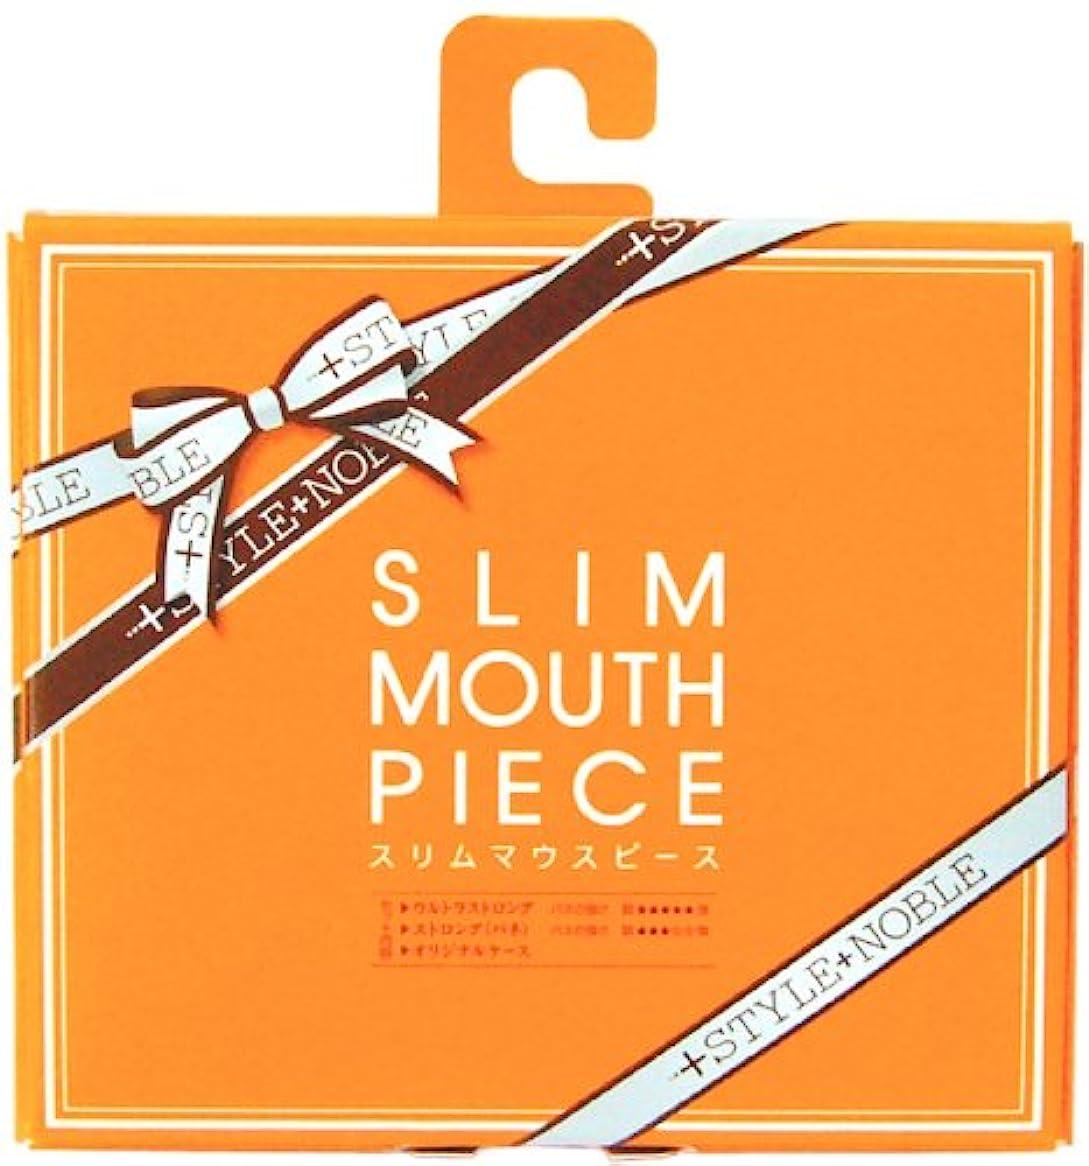 容量懇願する拳ノーブル スリウマウスピース 発売17周年セット